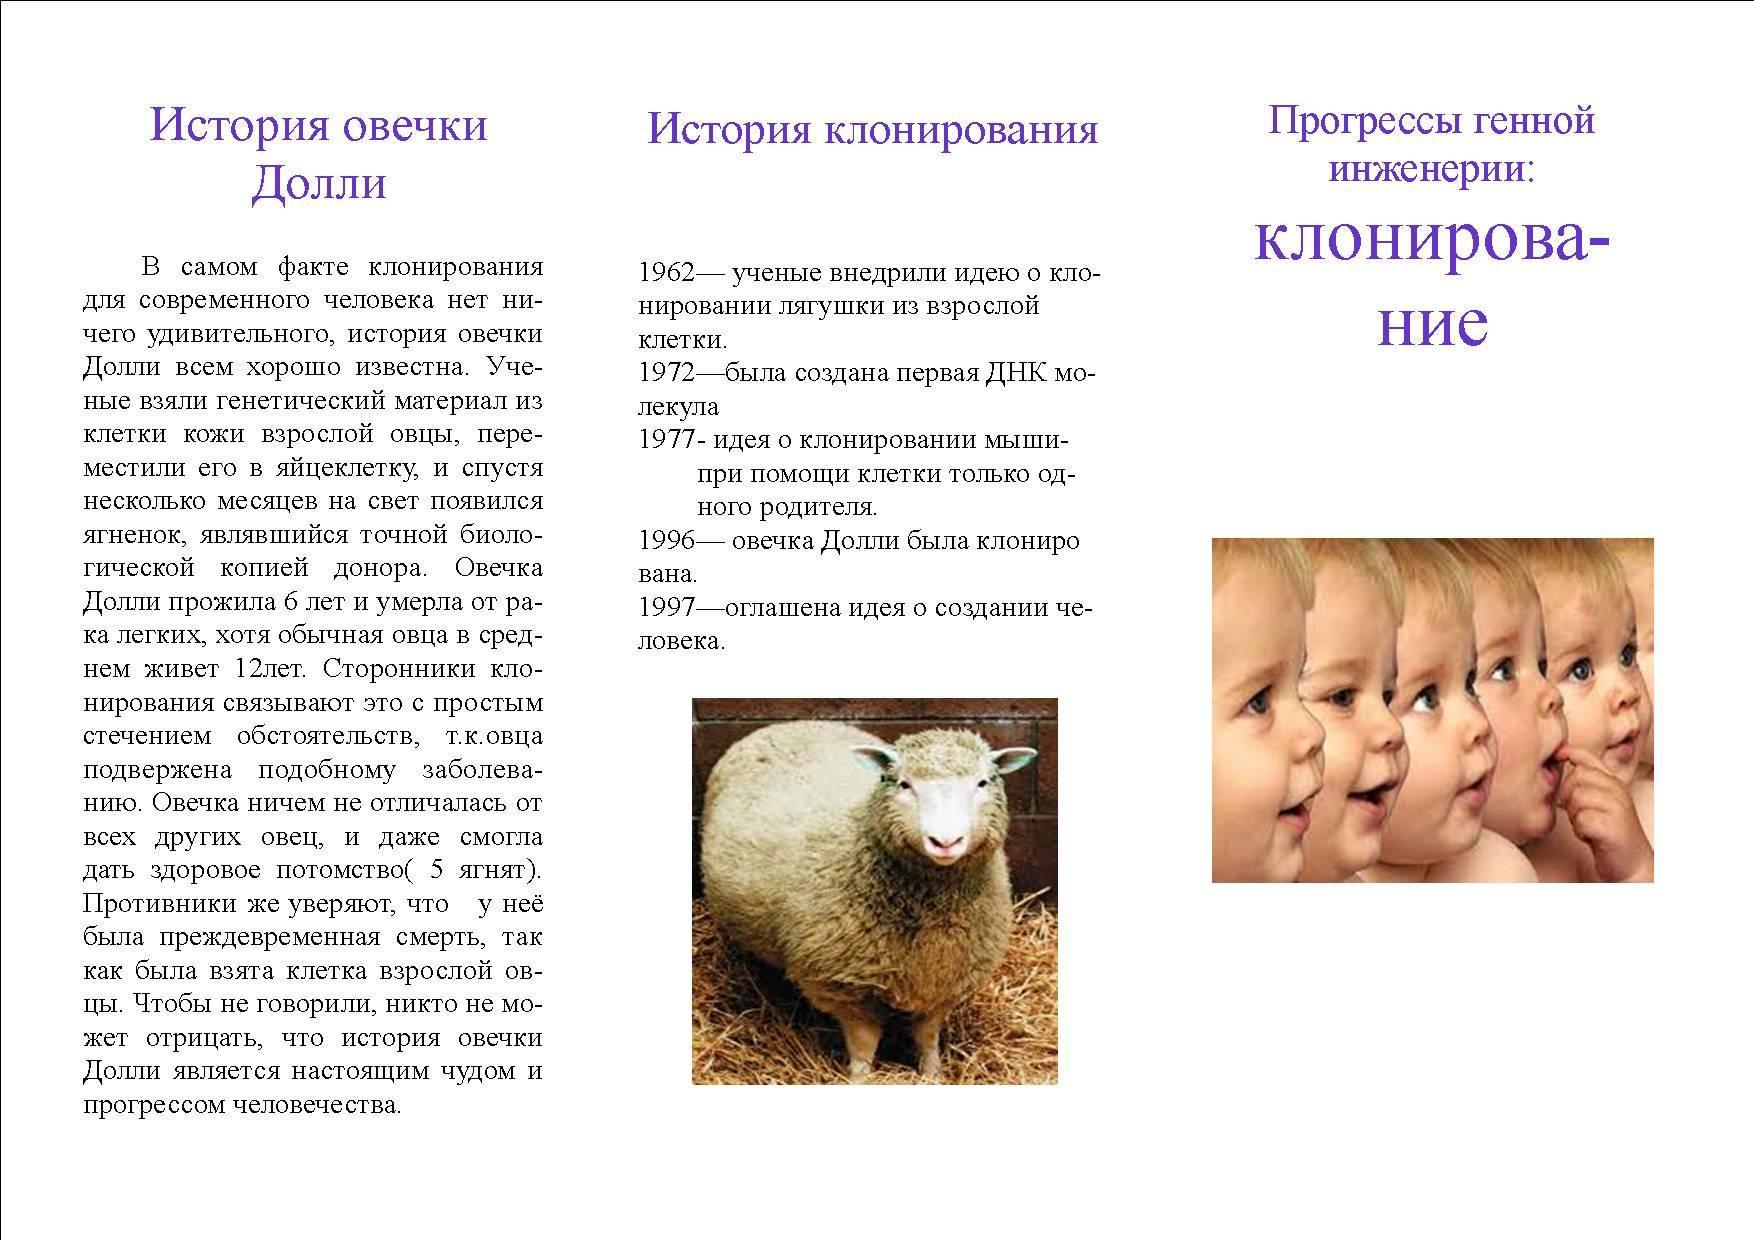 Клонирование: особенности и виды клонированных животных. овечка долли